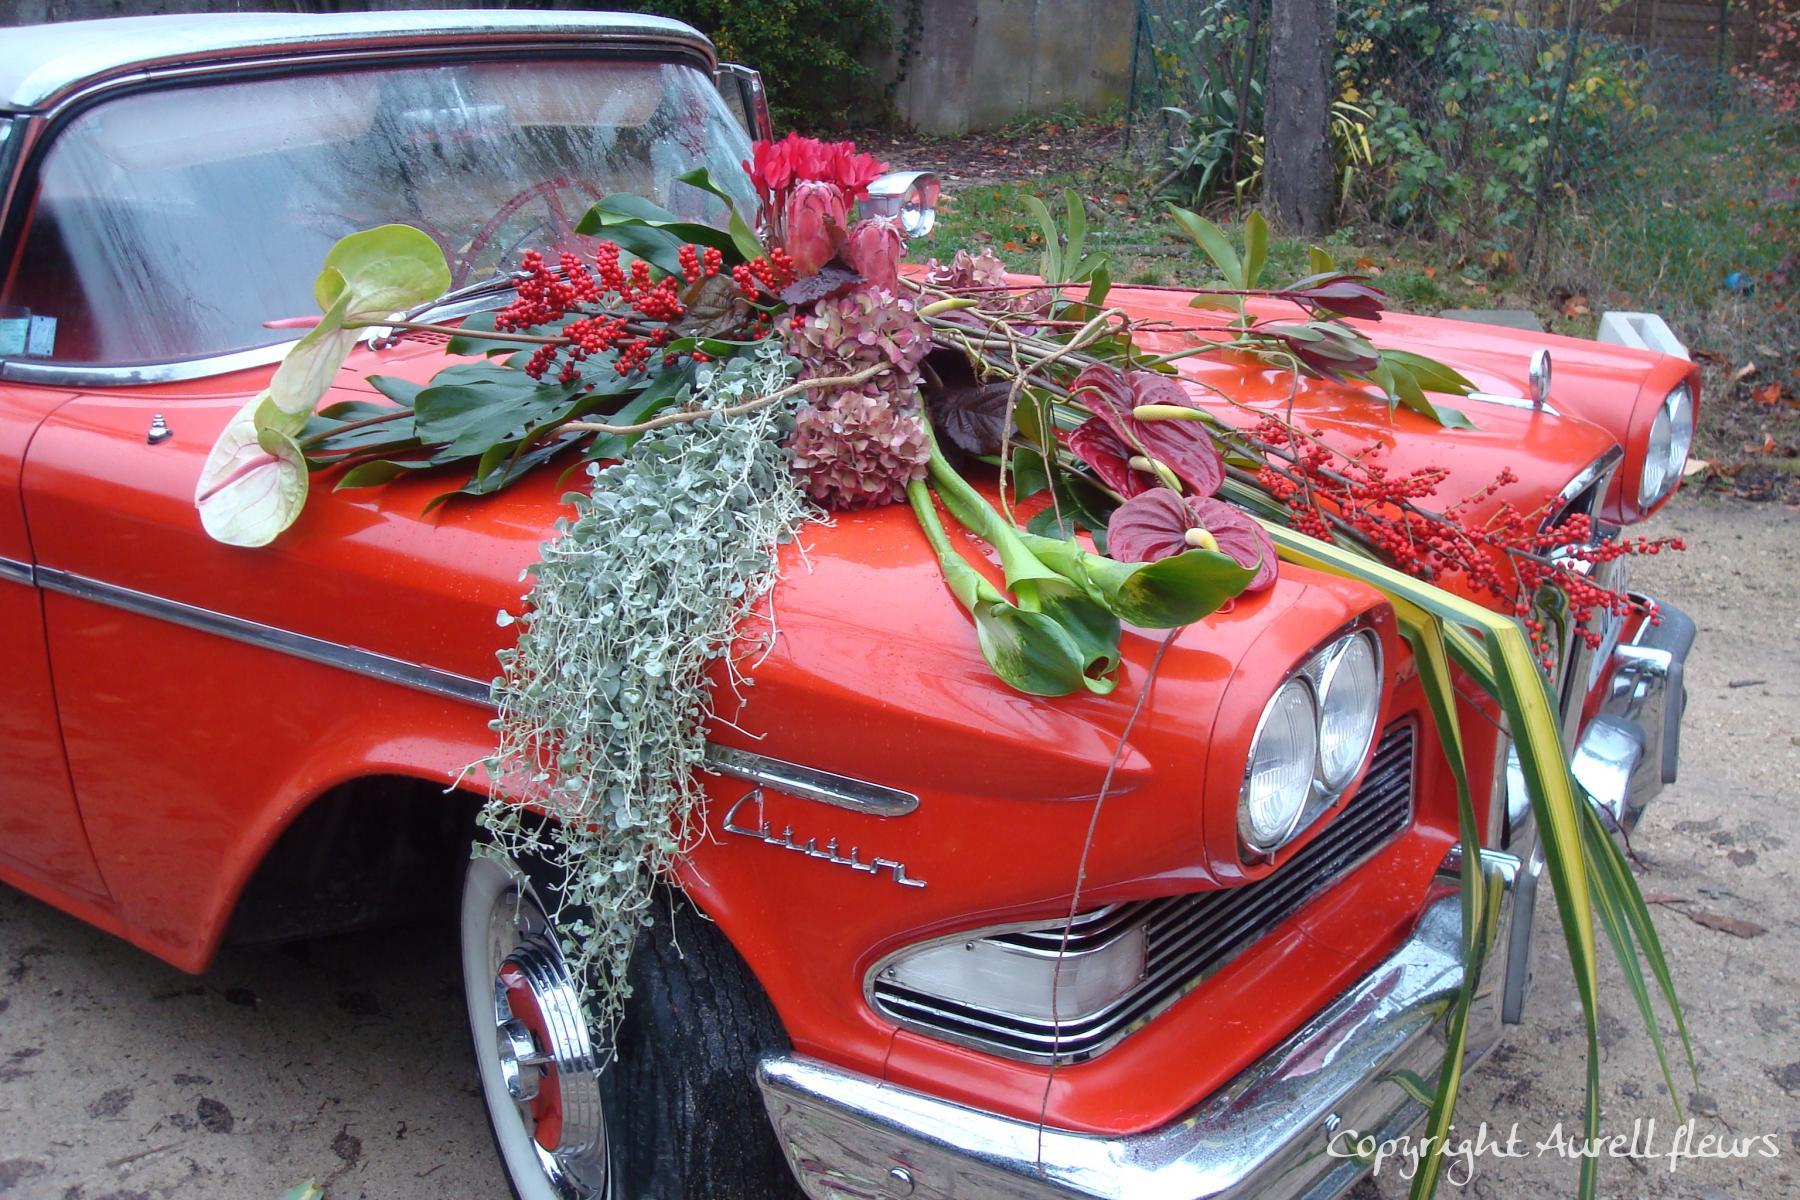 voiture capot avant 4 à Saint-Jean-de-Braye | Aurell fleurs